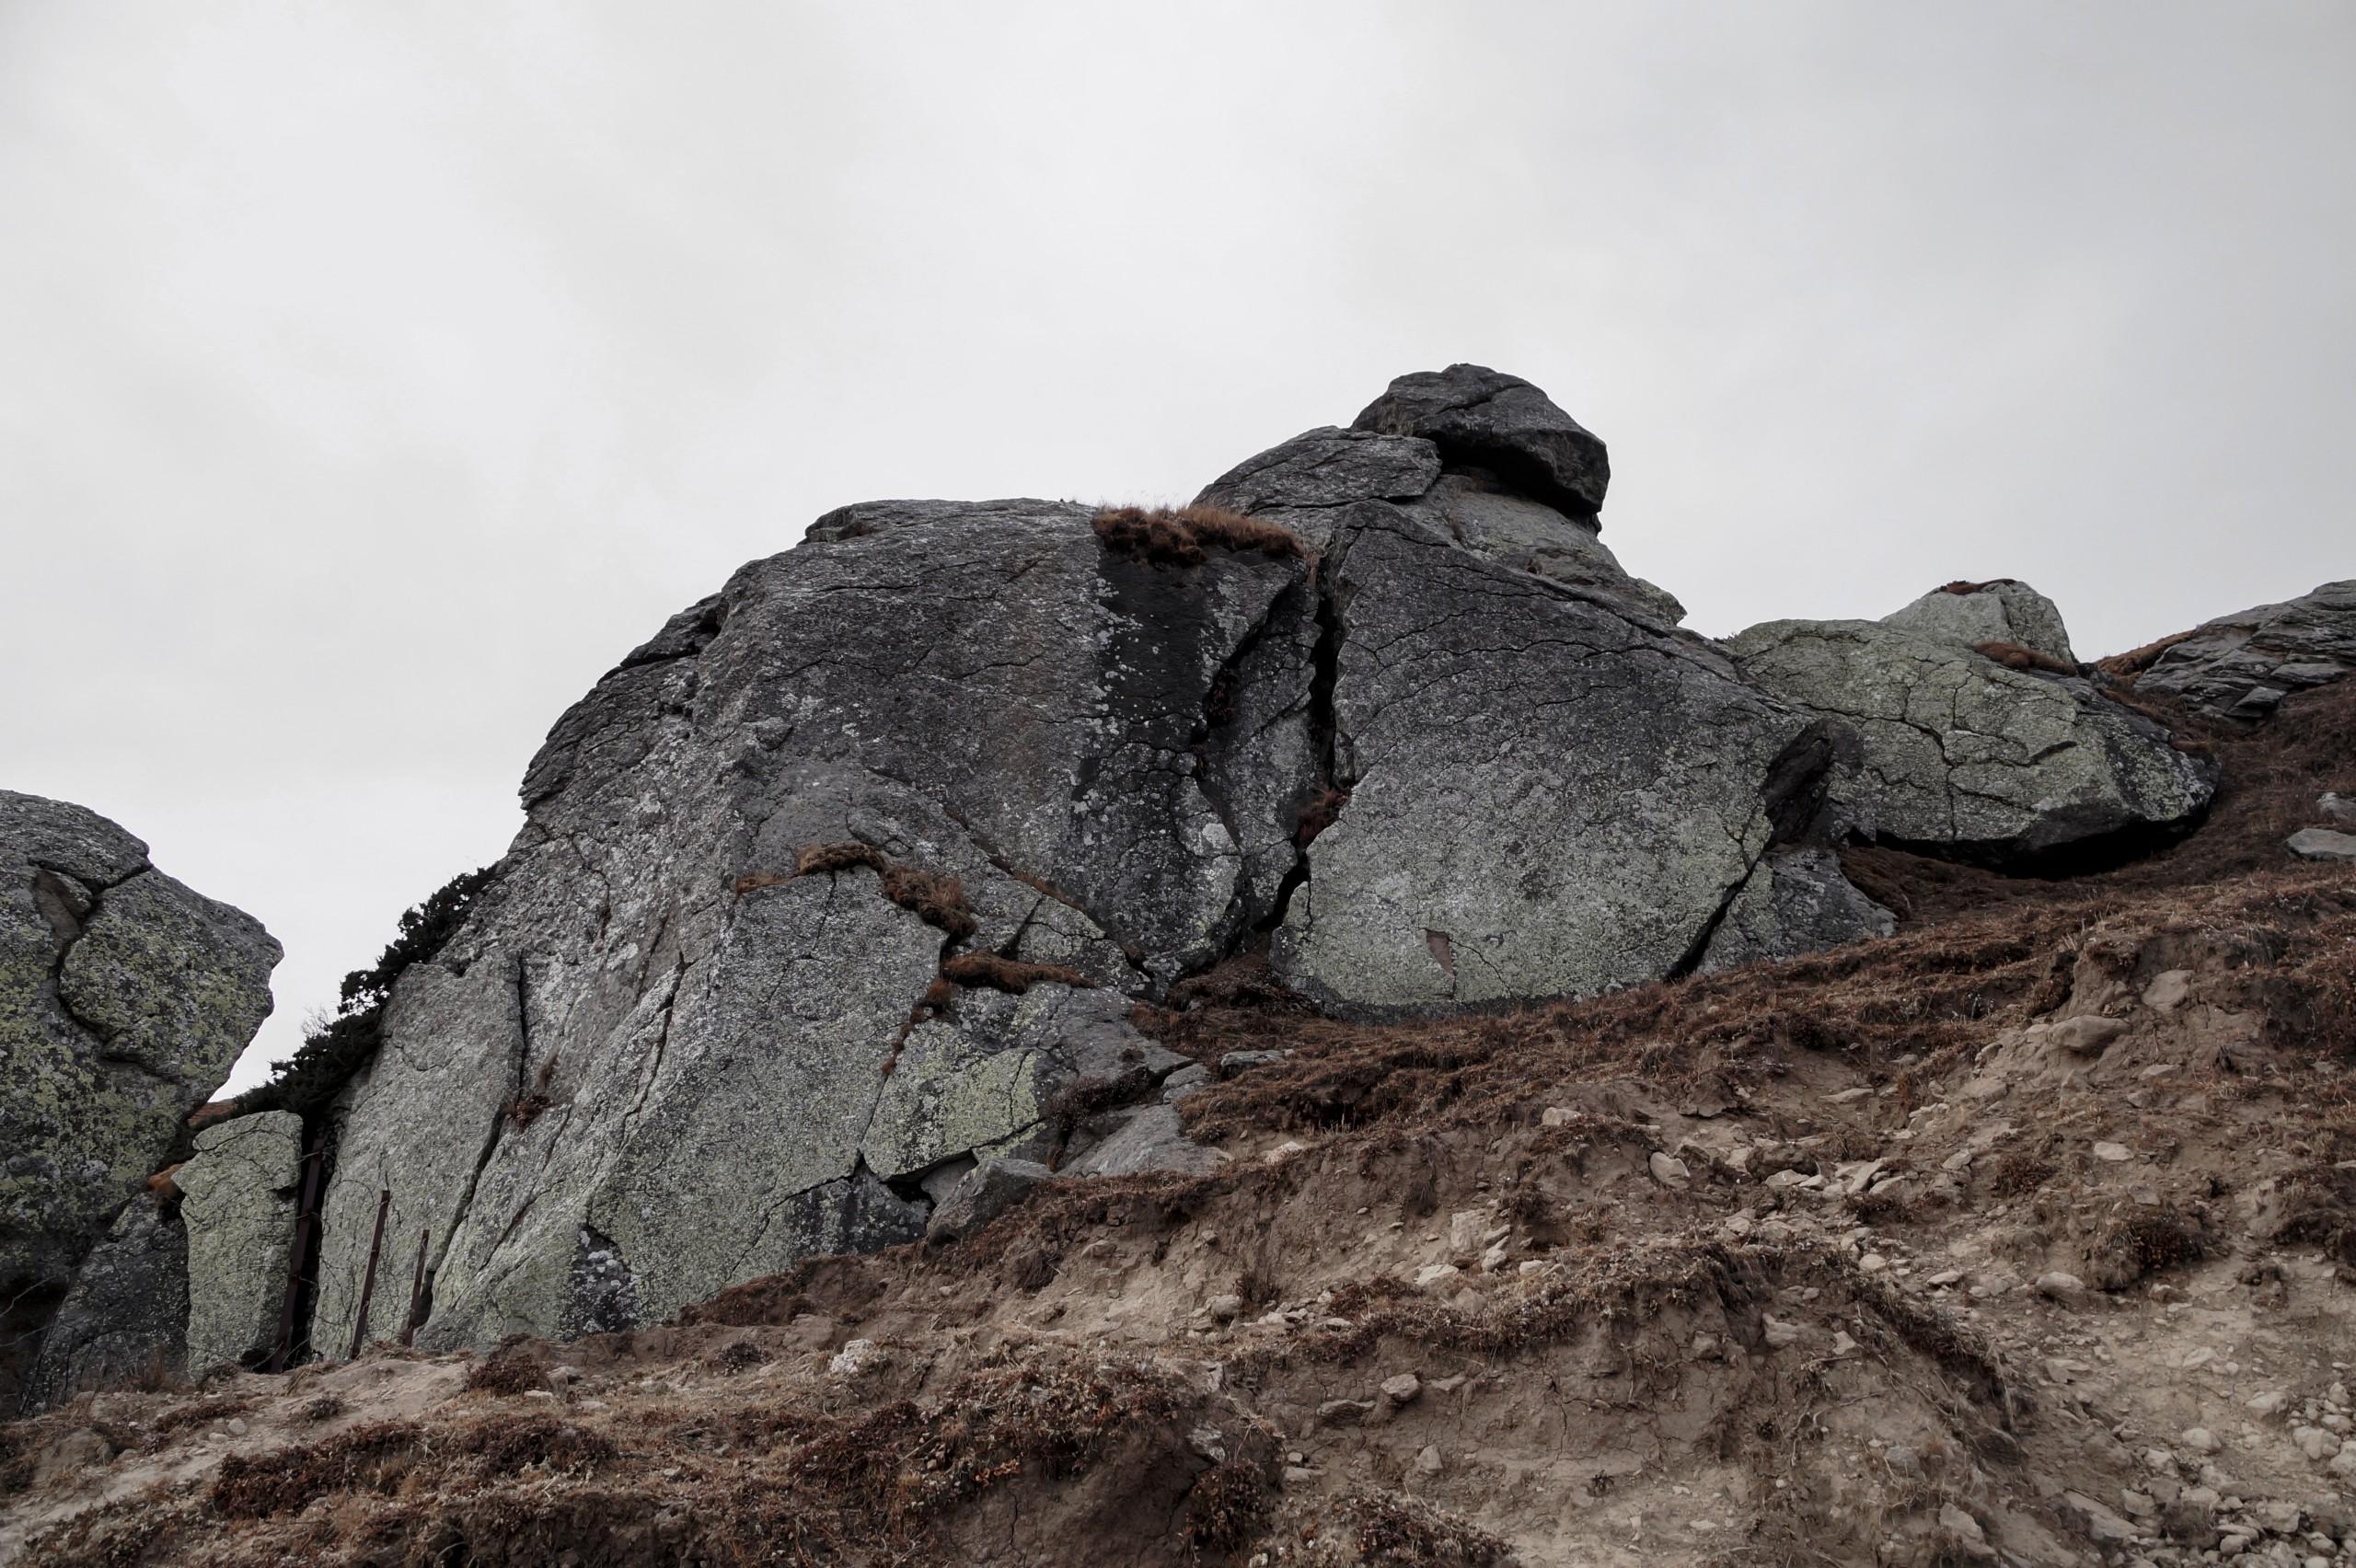 Big stone mountain